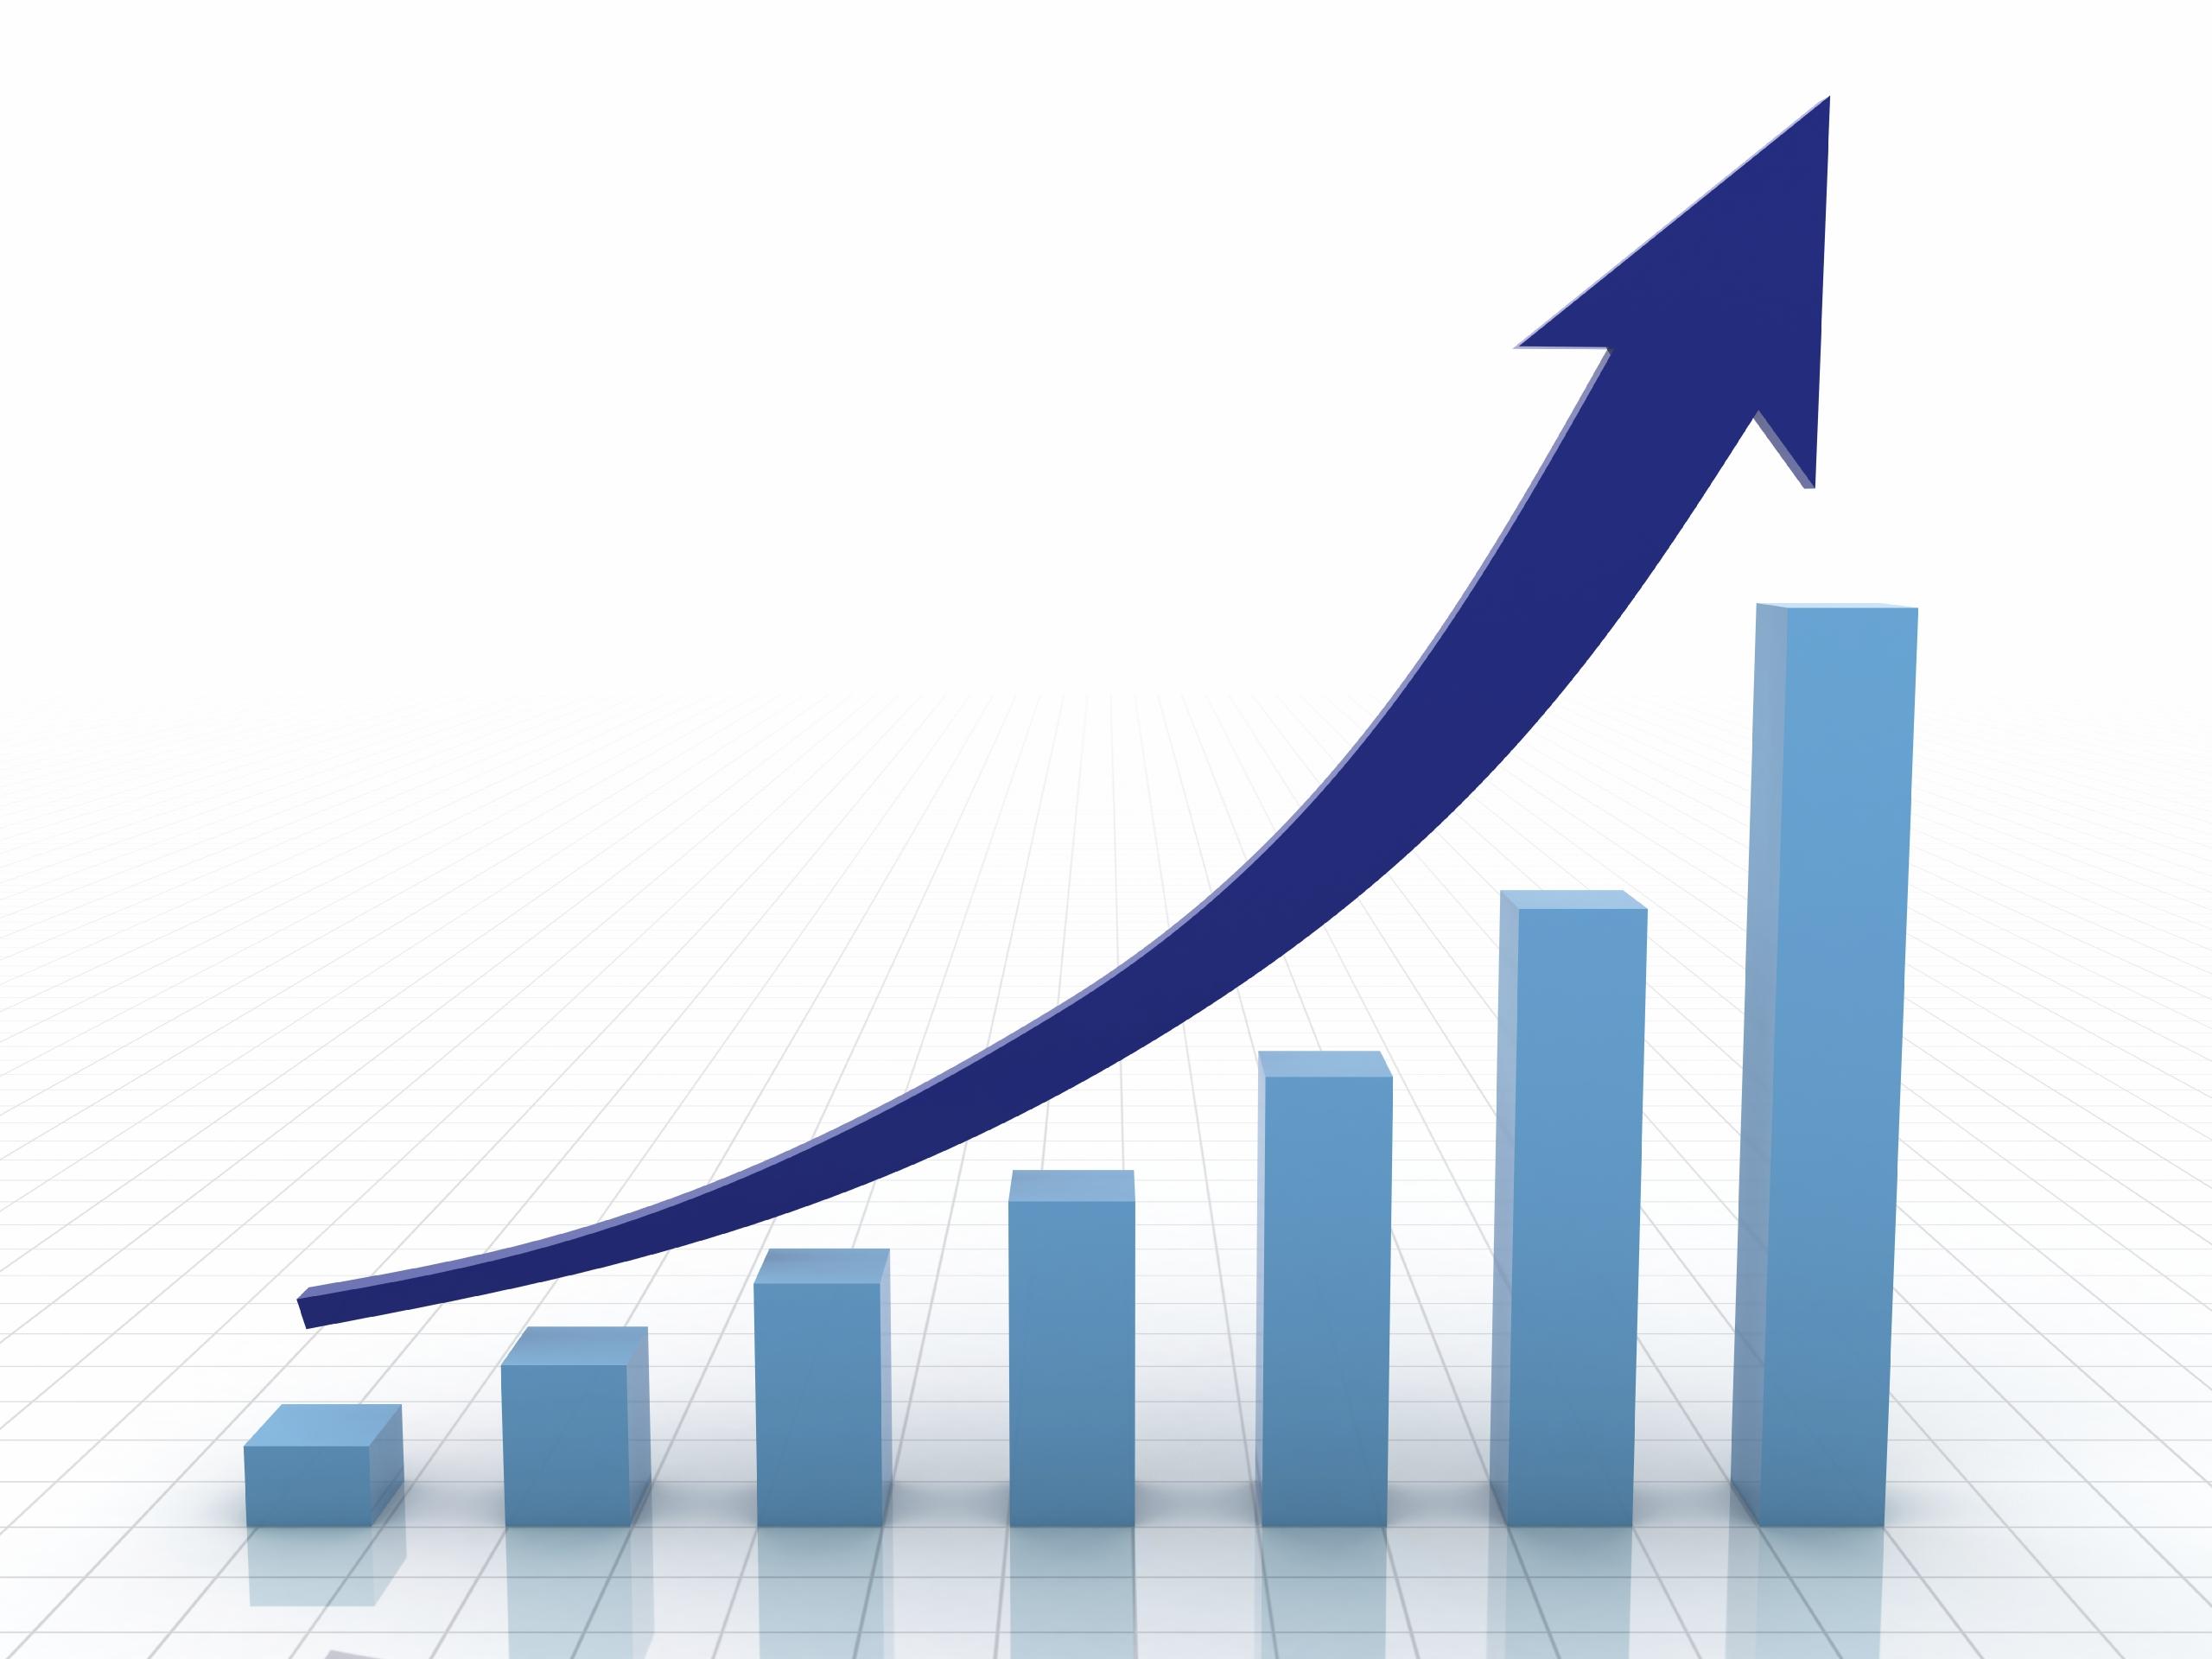 Новгородская область улучшила положение по инвестклимату, поднявшись на 12 пунктов